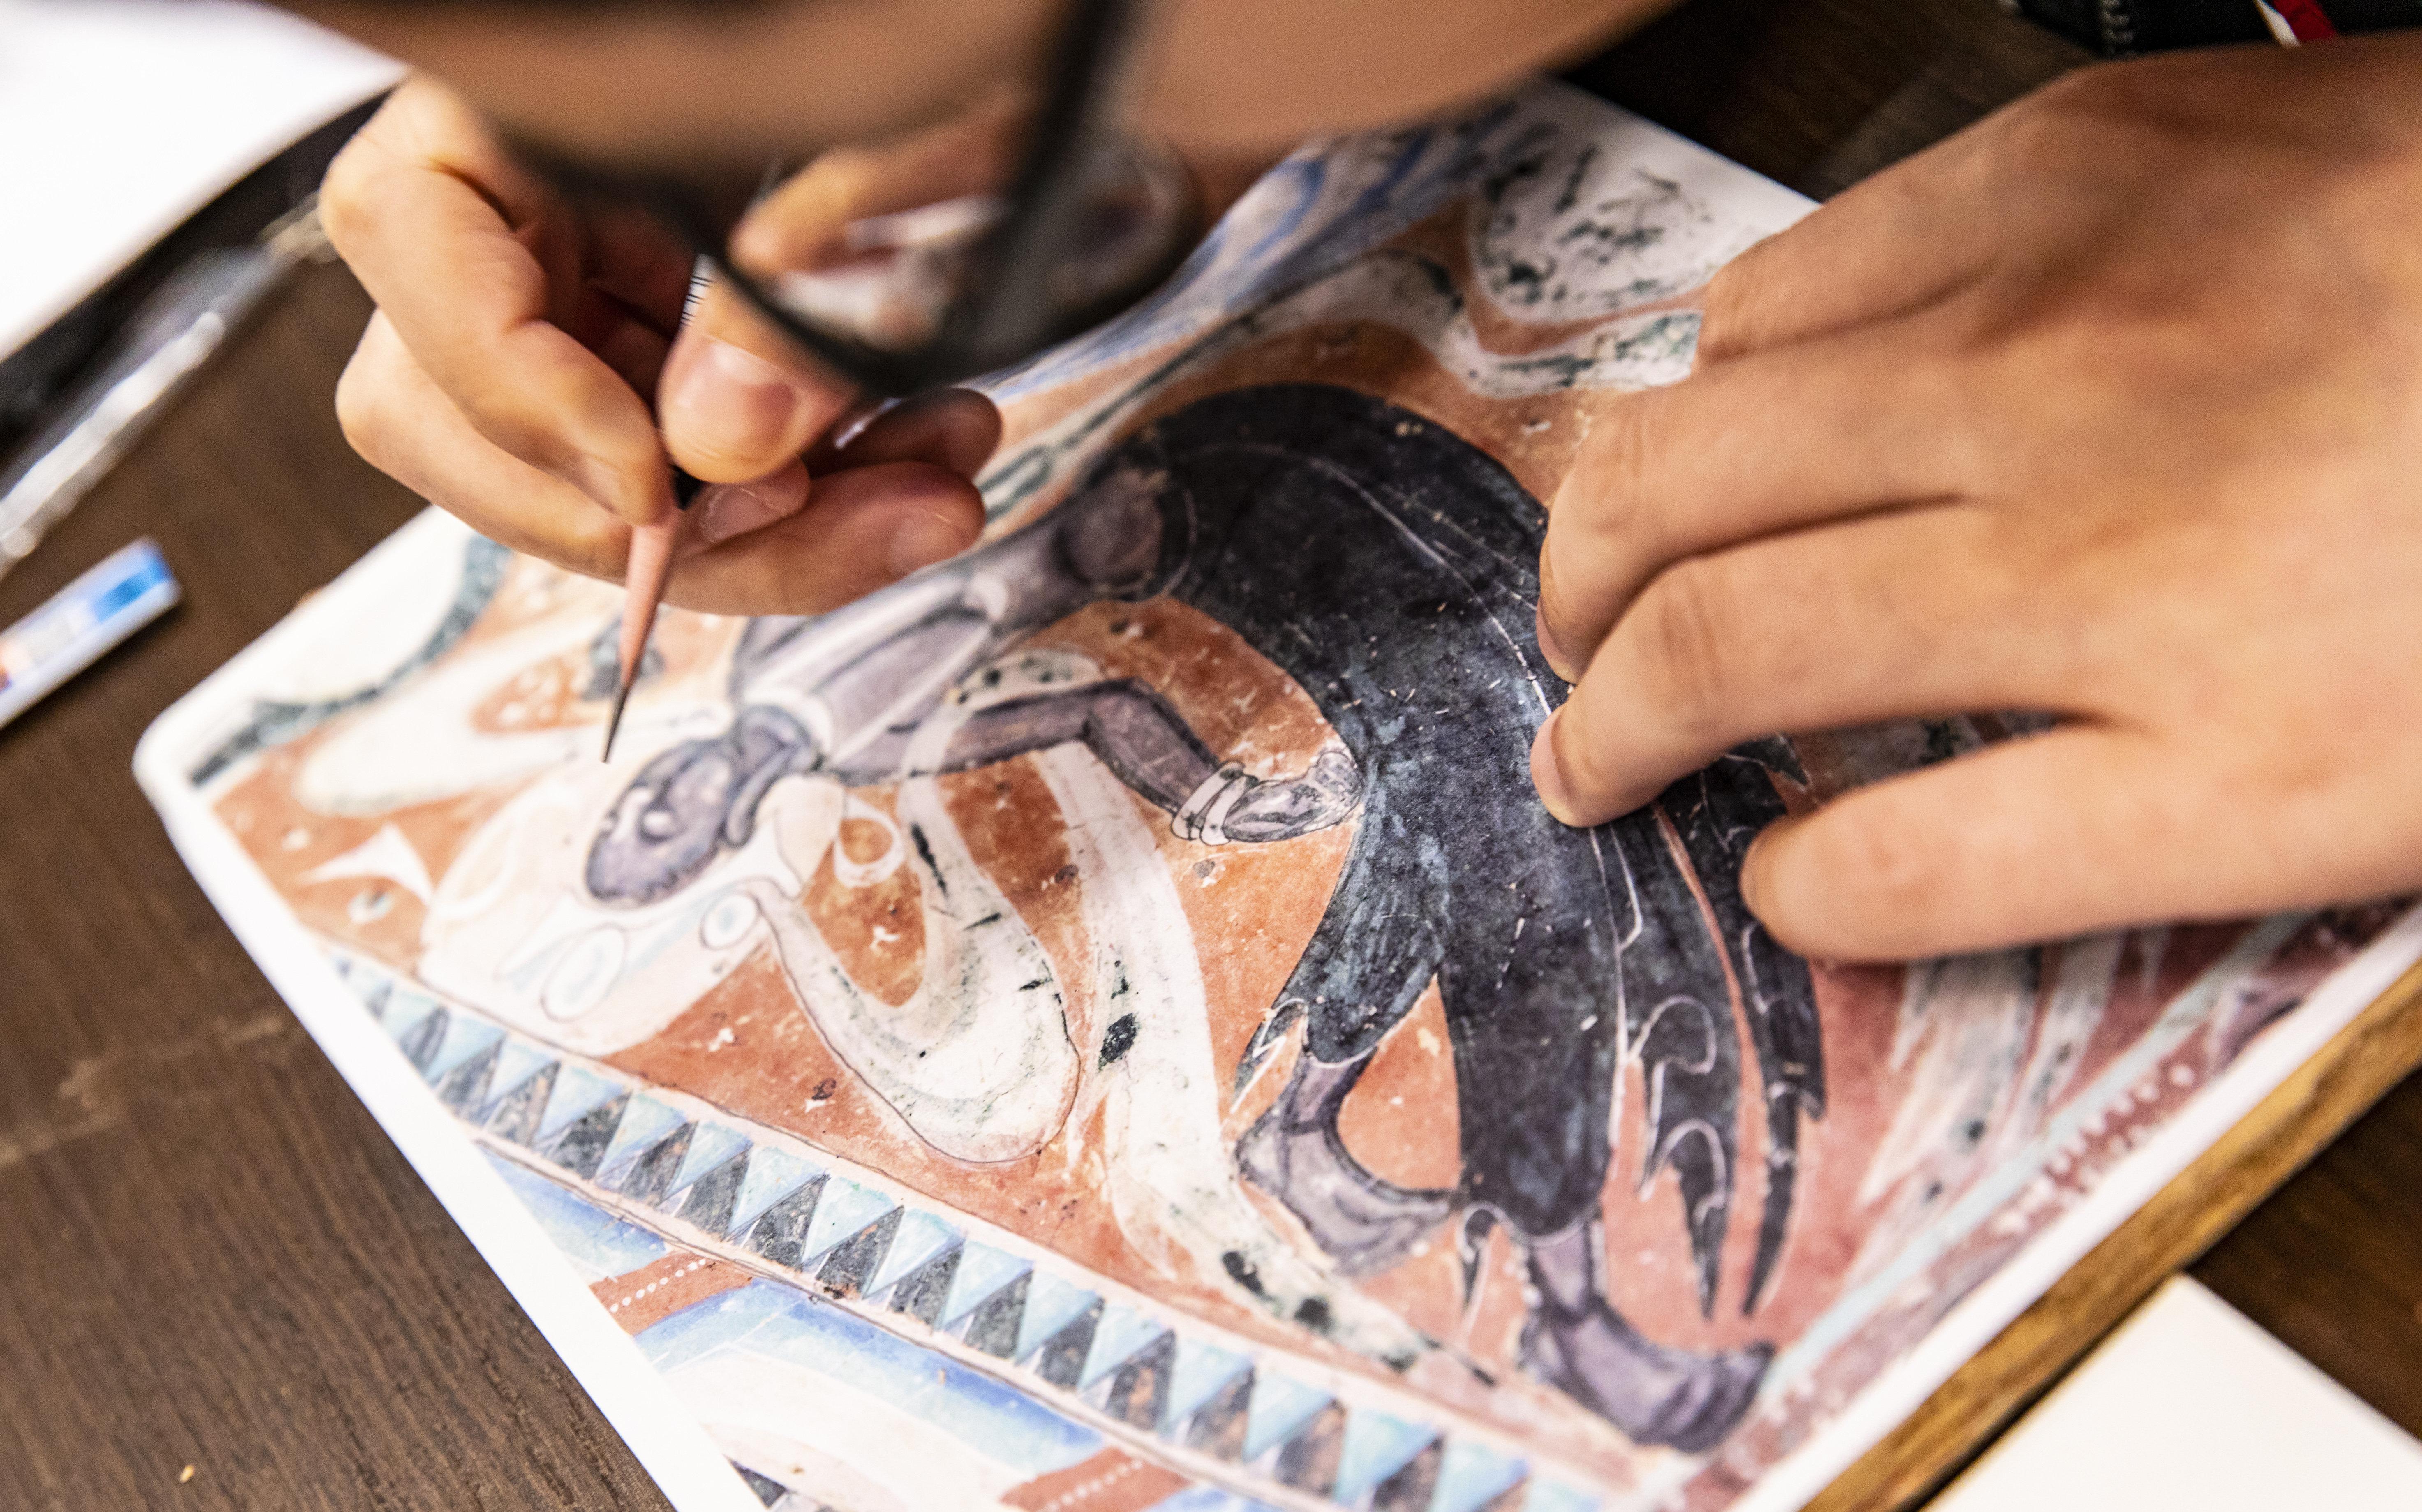 敦煌研究院美术人才学习交流基地在波克城市正式揭牌成立